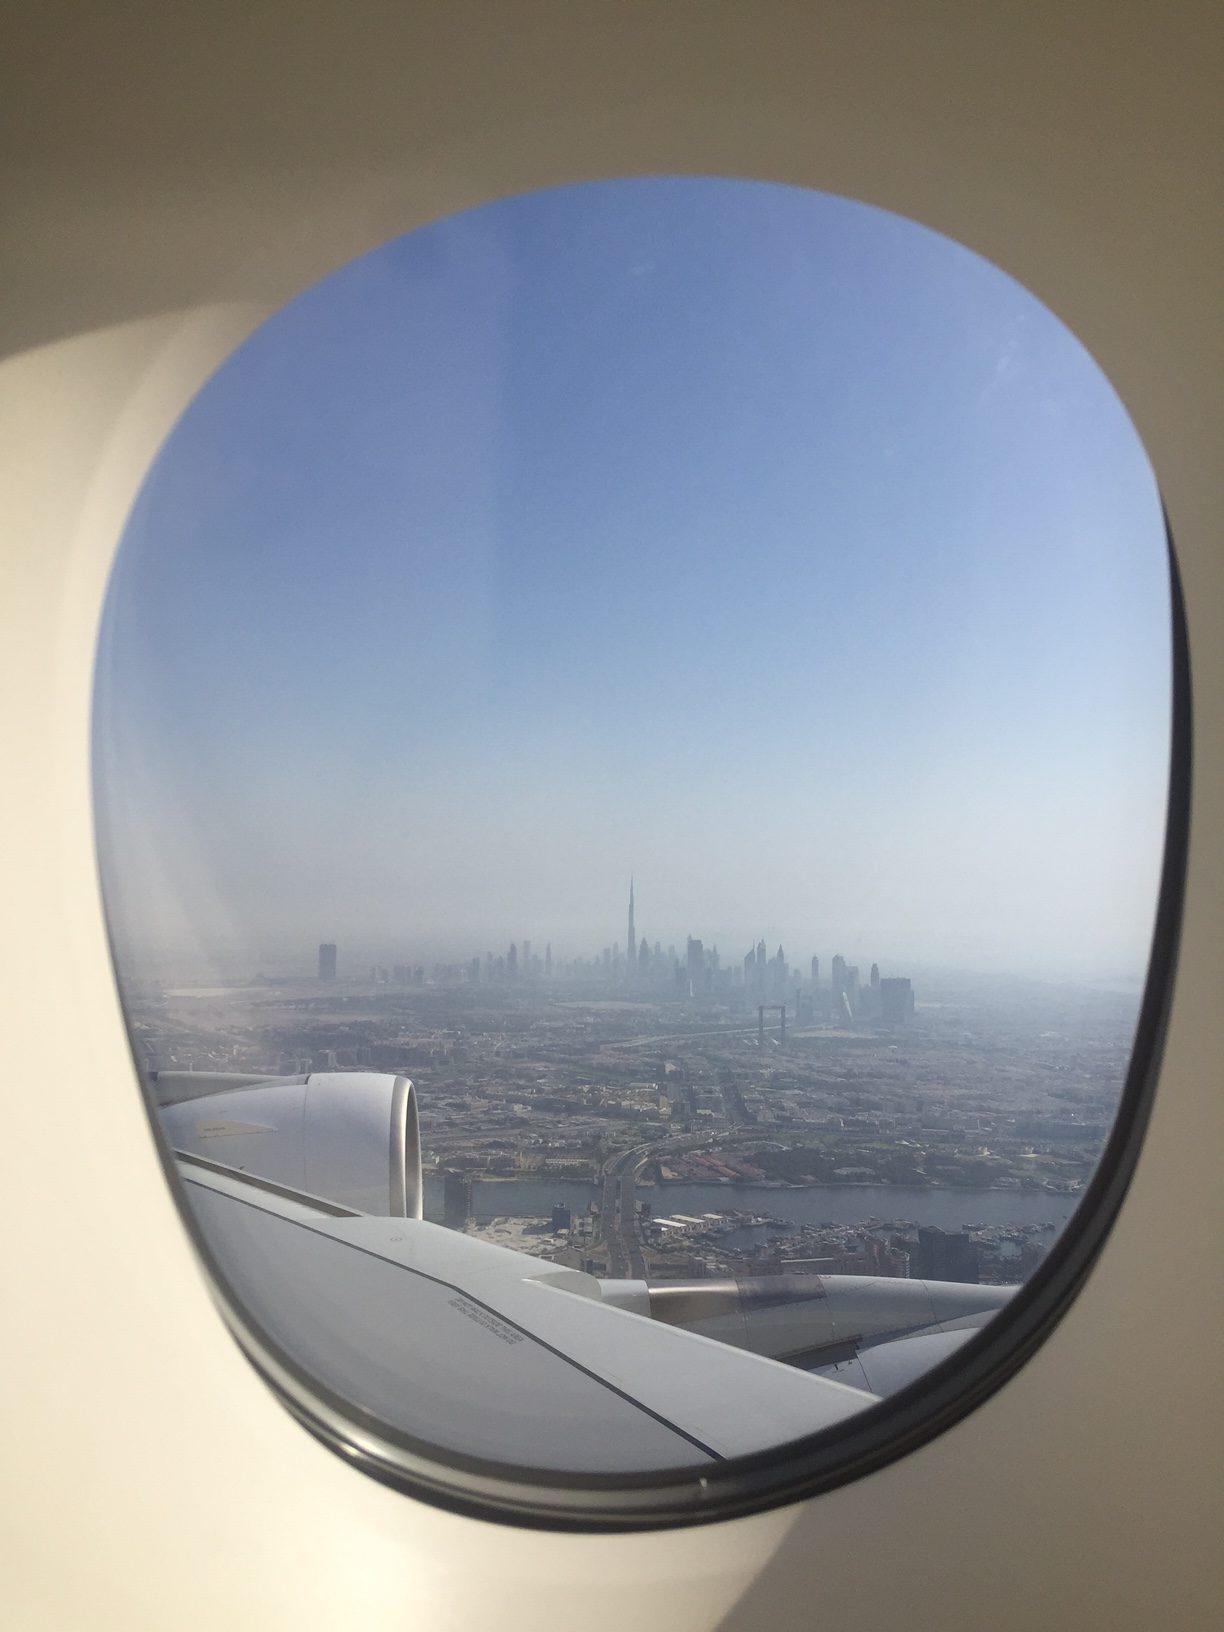 Emirates A380 Dubai View